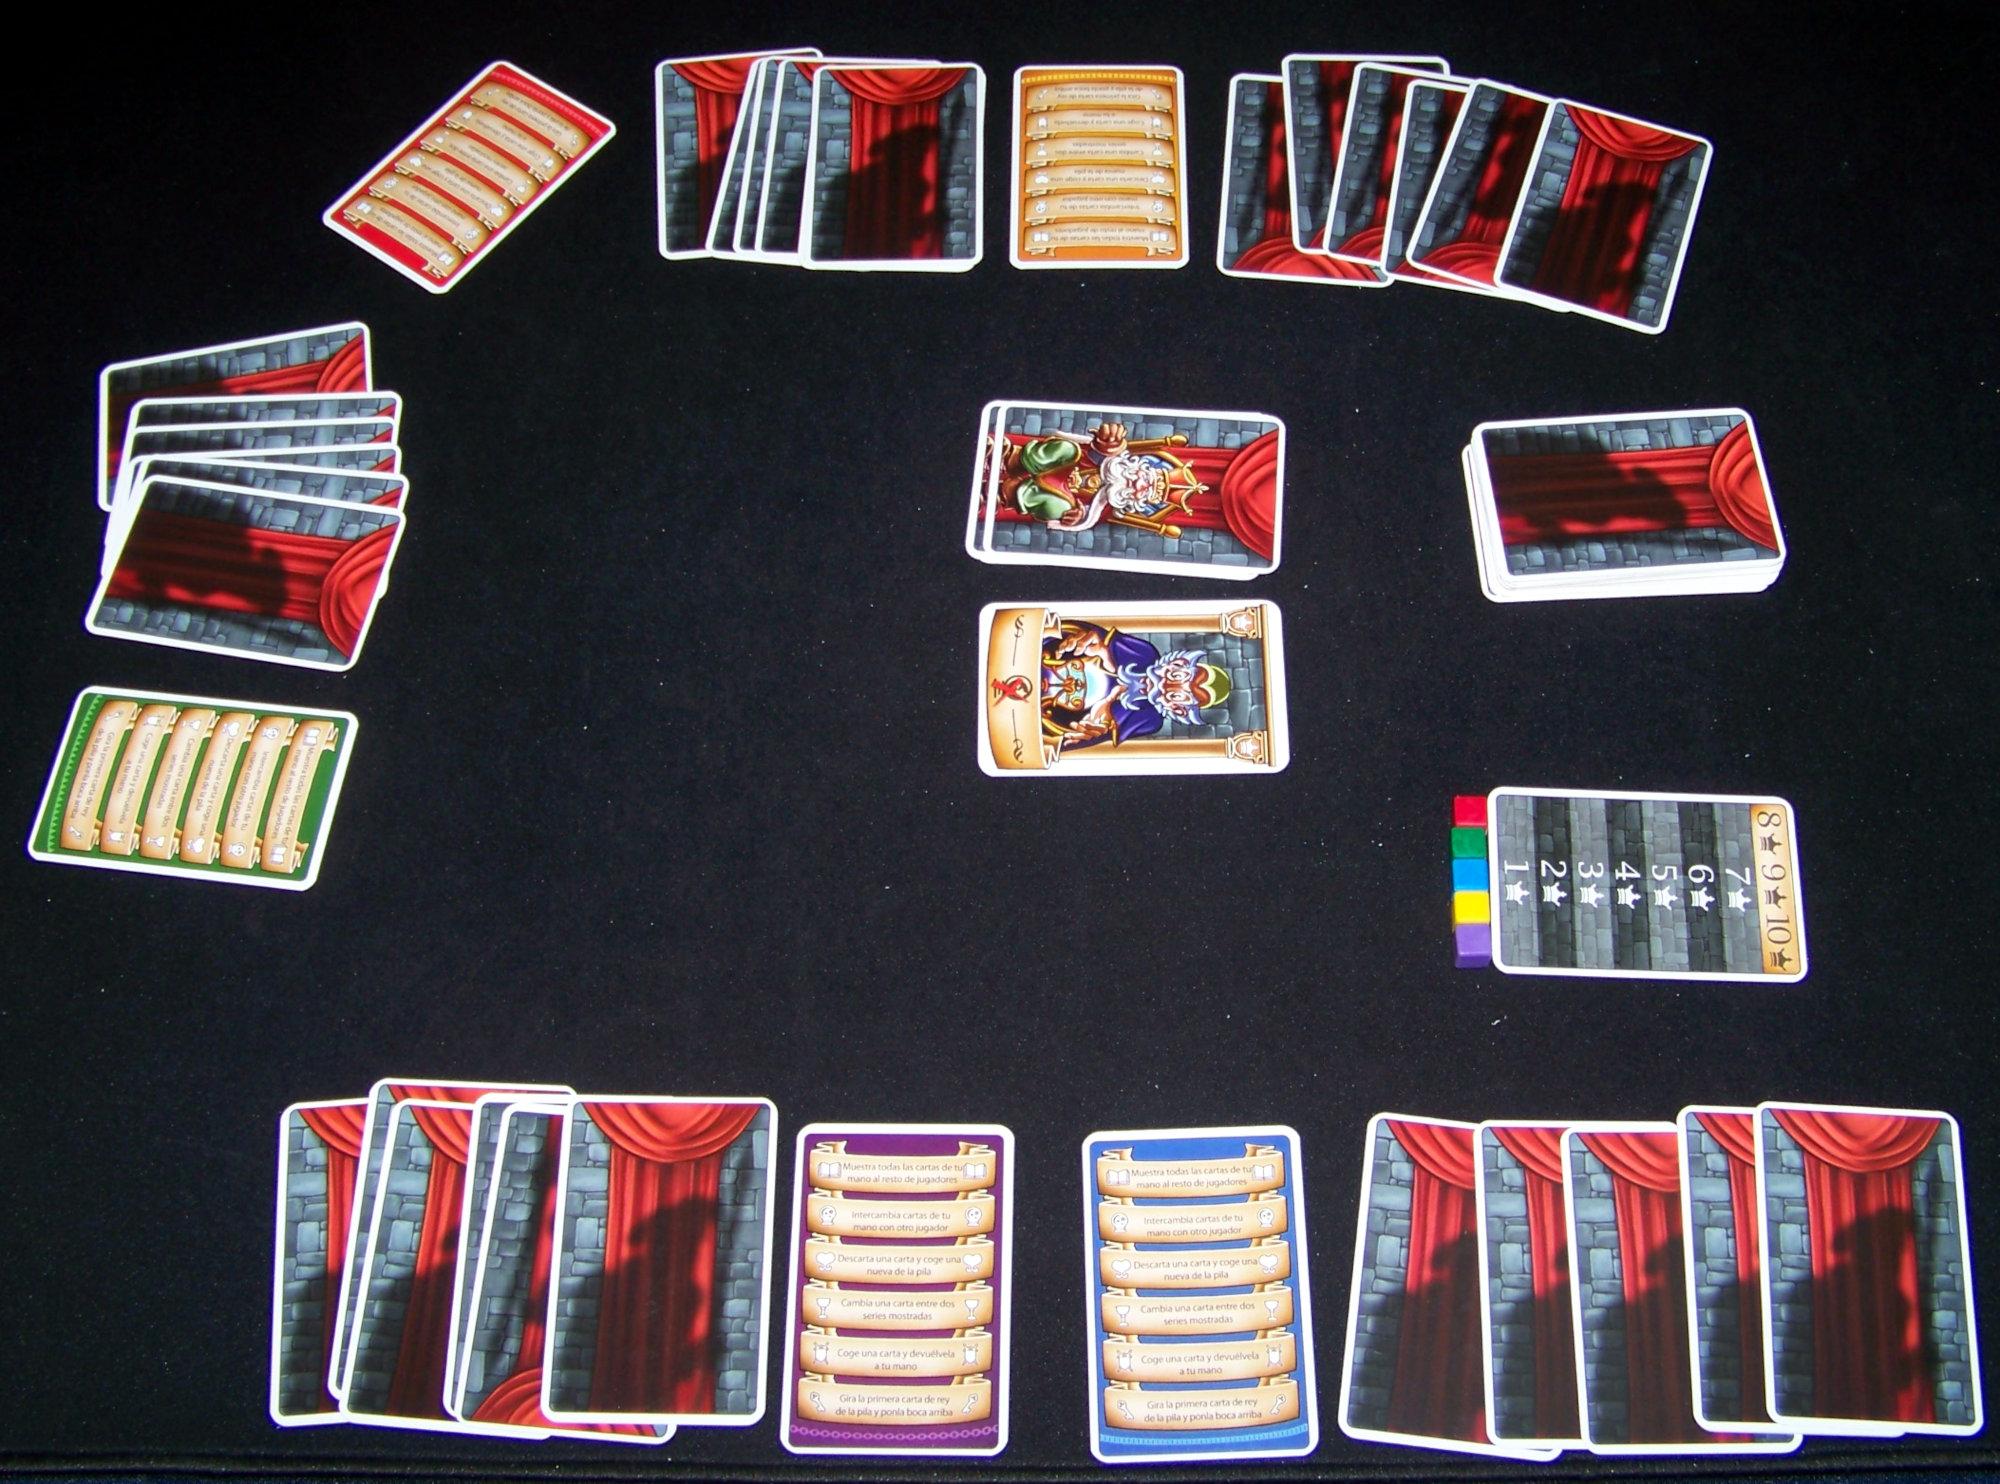 Juego de mesa Intrigas de Palacio - despliegue